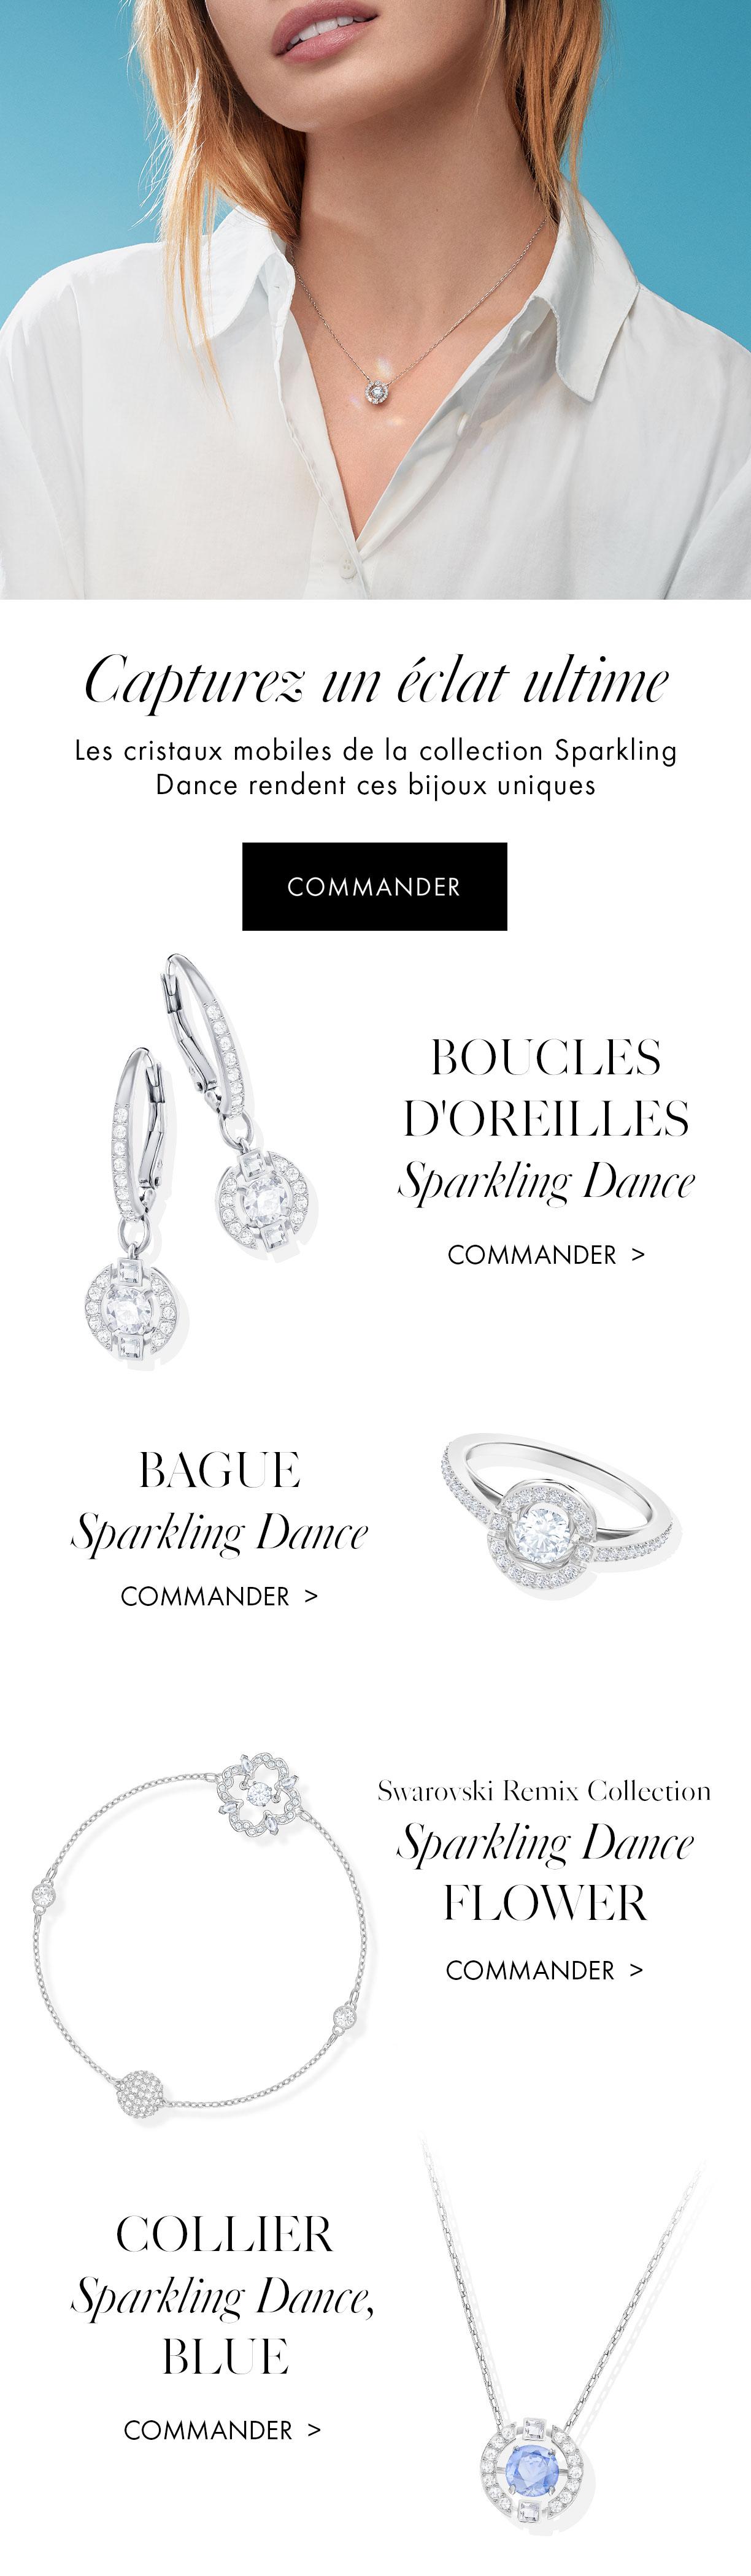 Les cristaux mobiles de la collection Sparkling Dance rendent ces bijoux uniques.